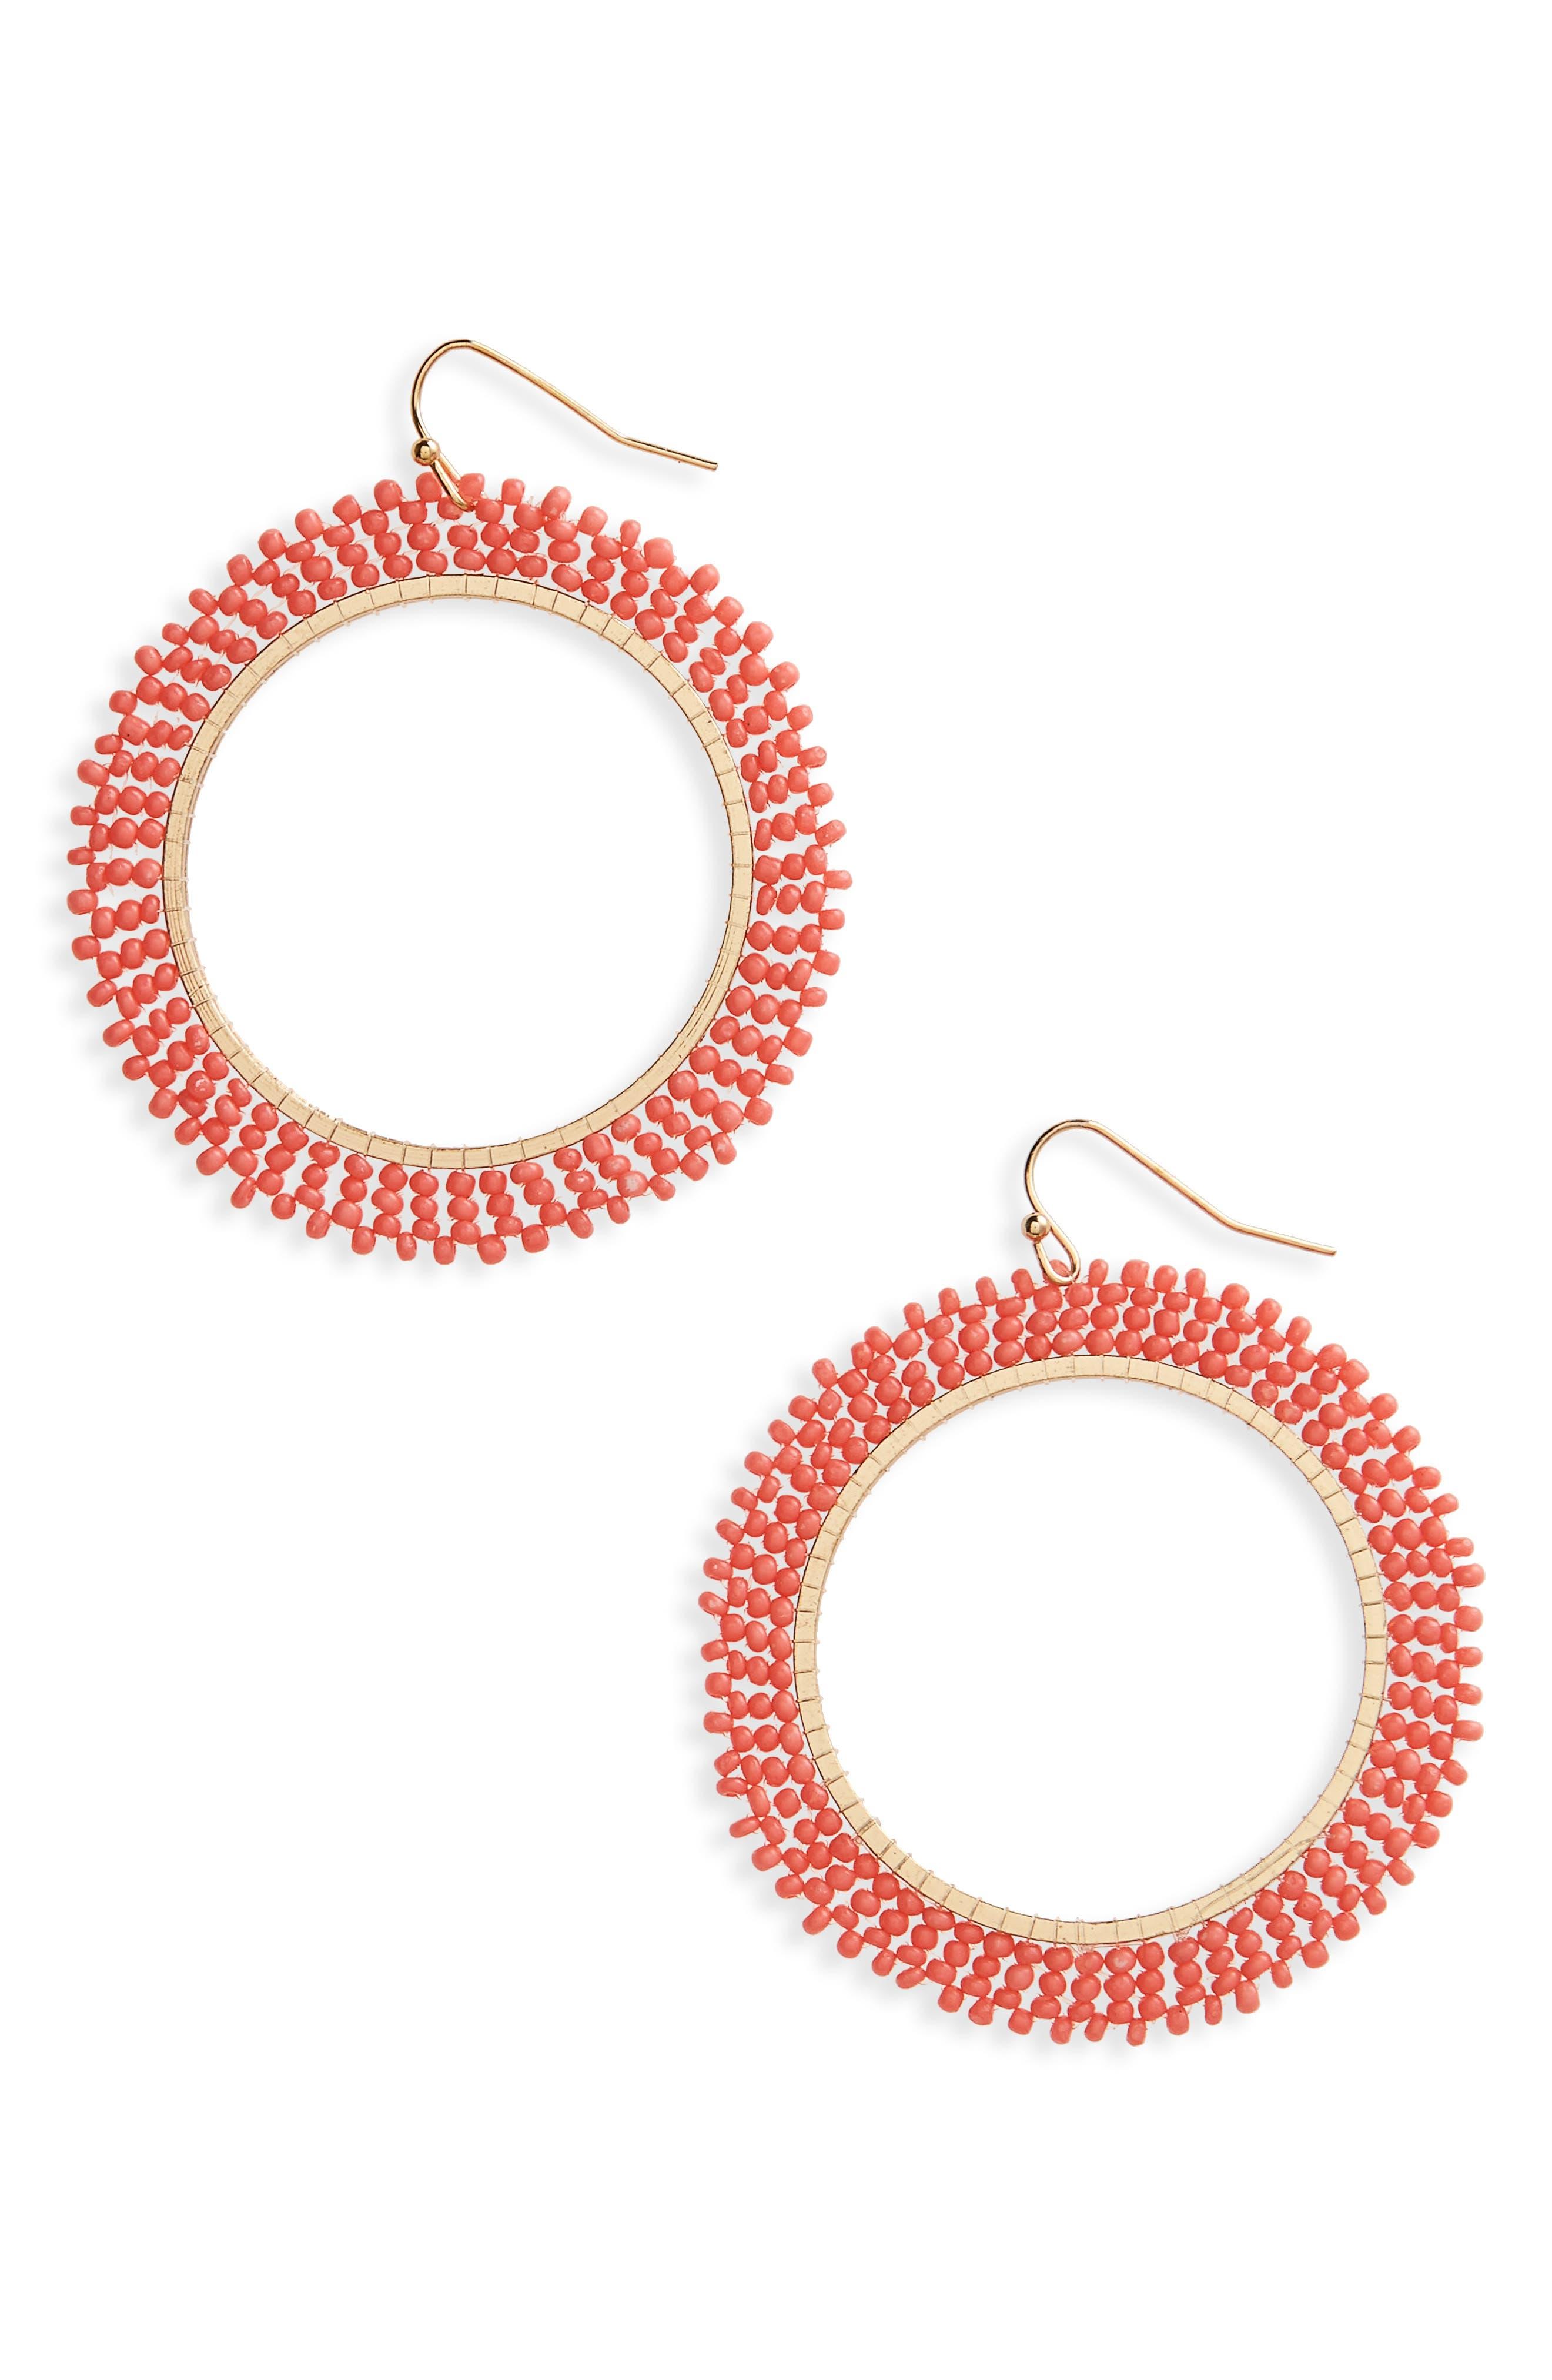 Main Image - Panacea Beaded Hoop Earrings